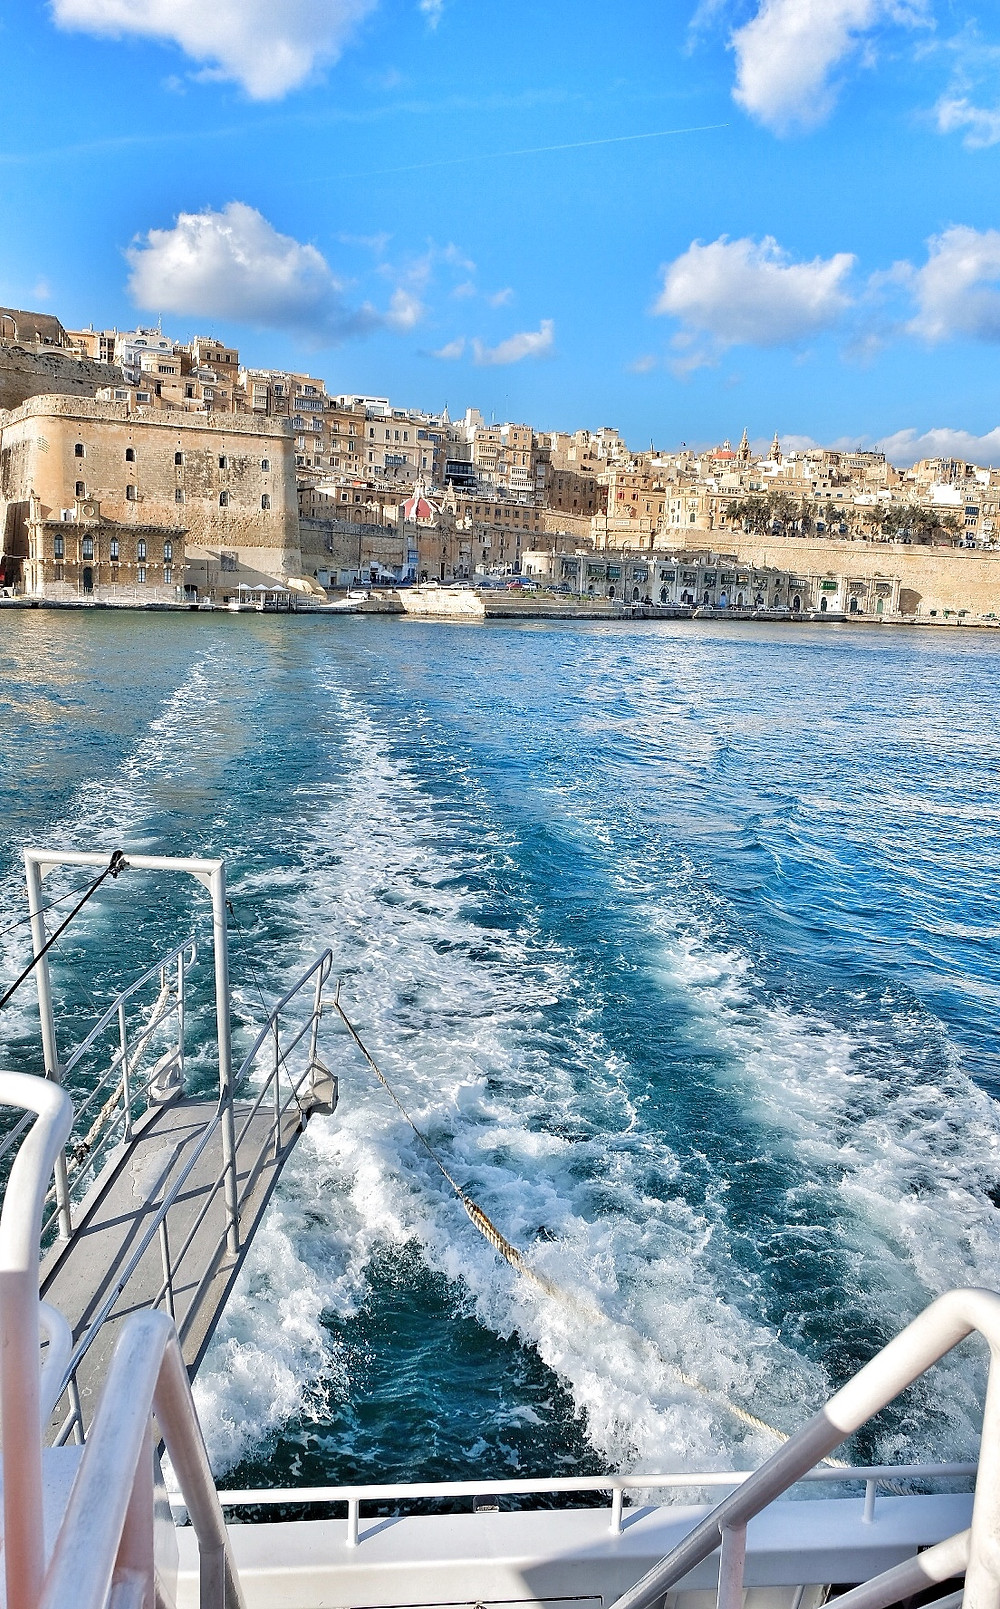 Ferry from Valletta to Vittoriosa